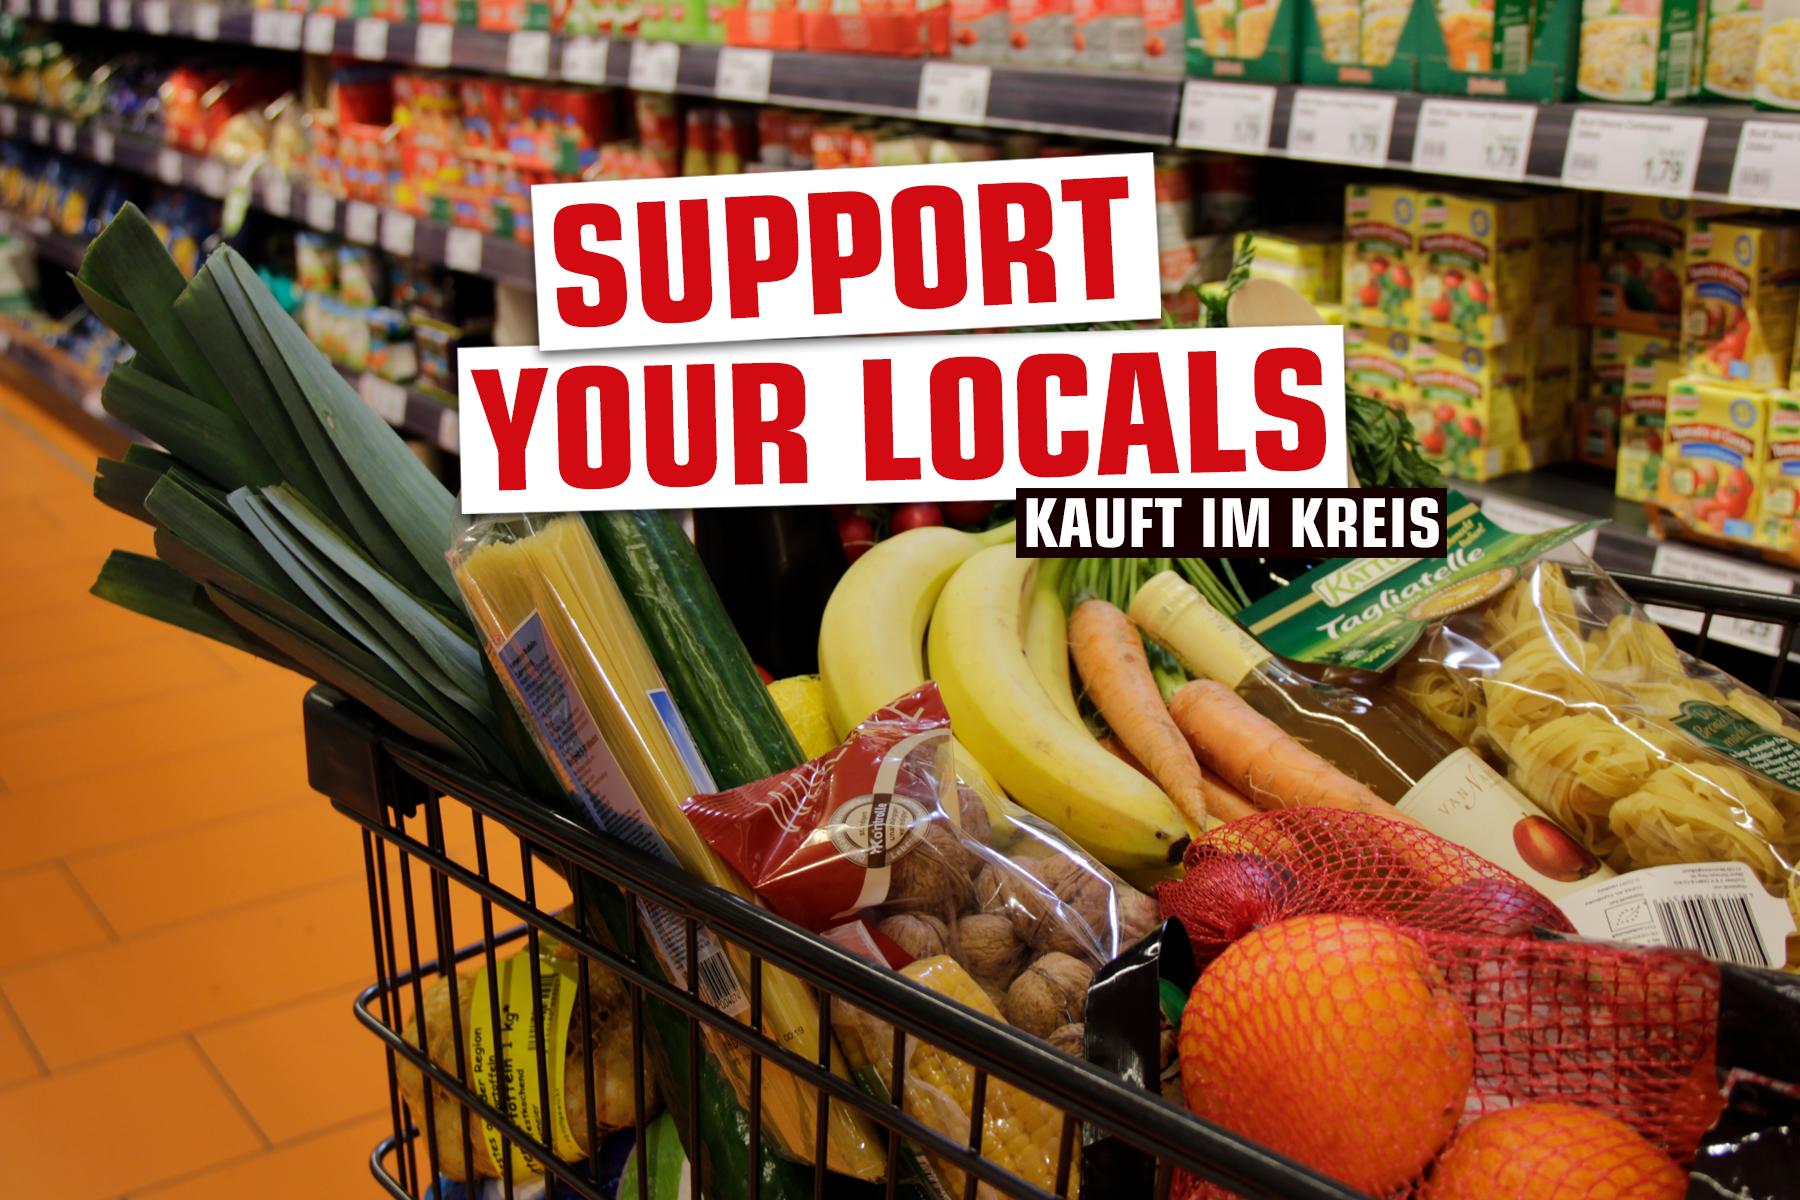 support-locals-1800